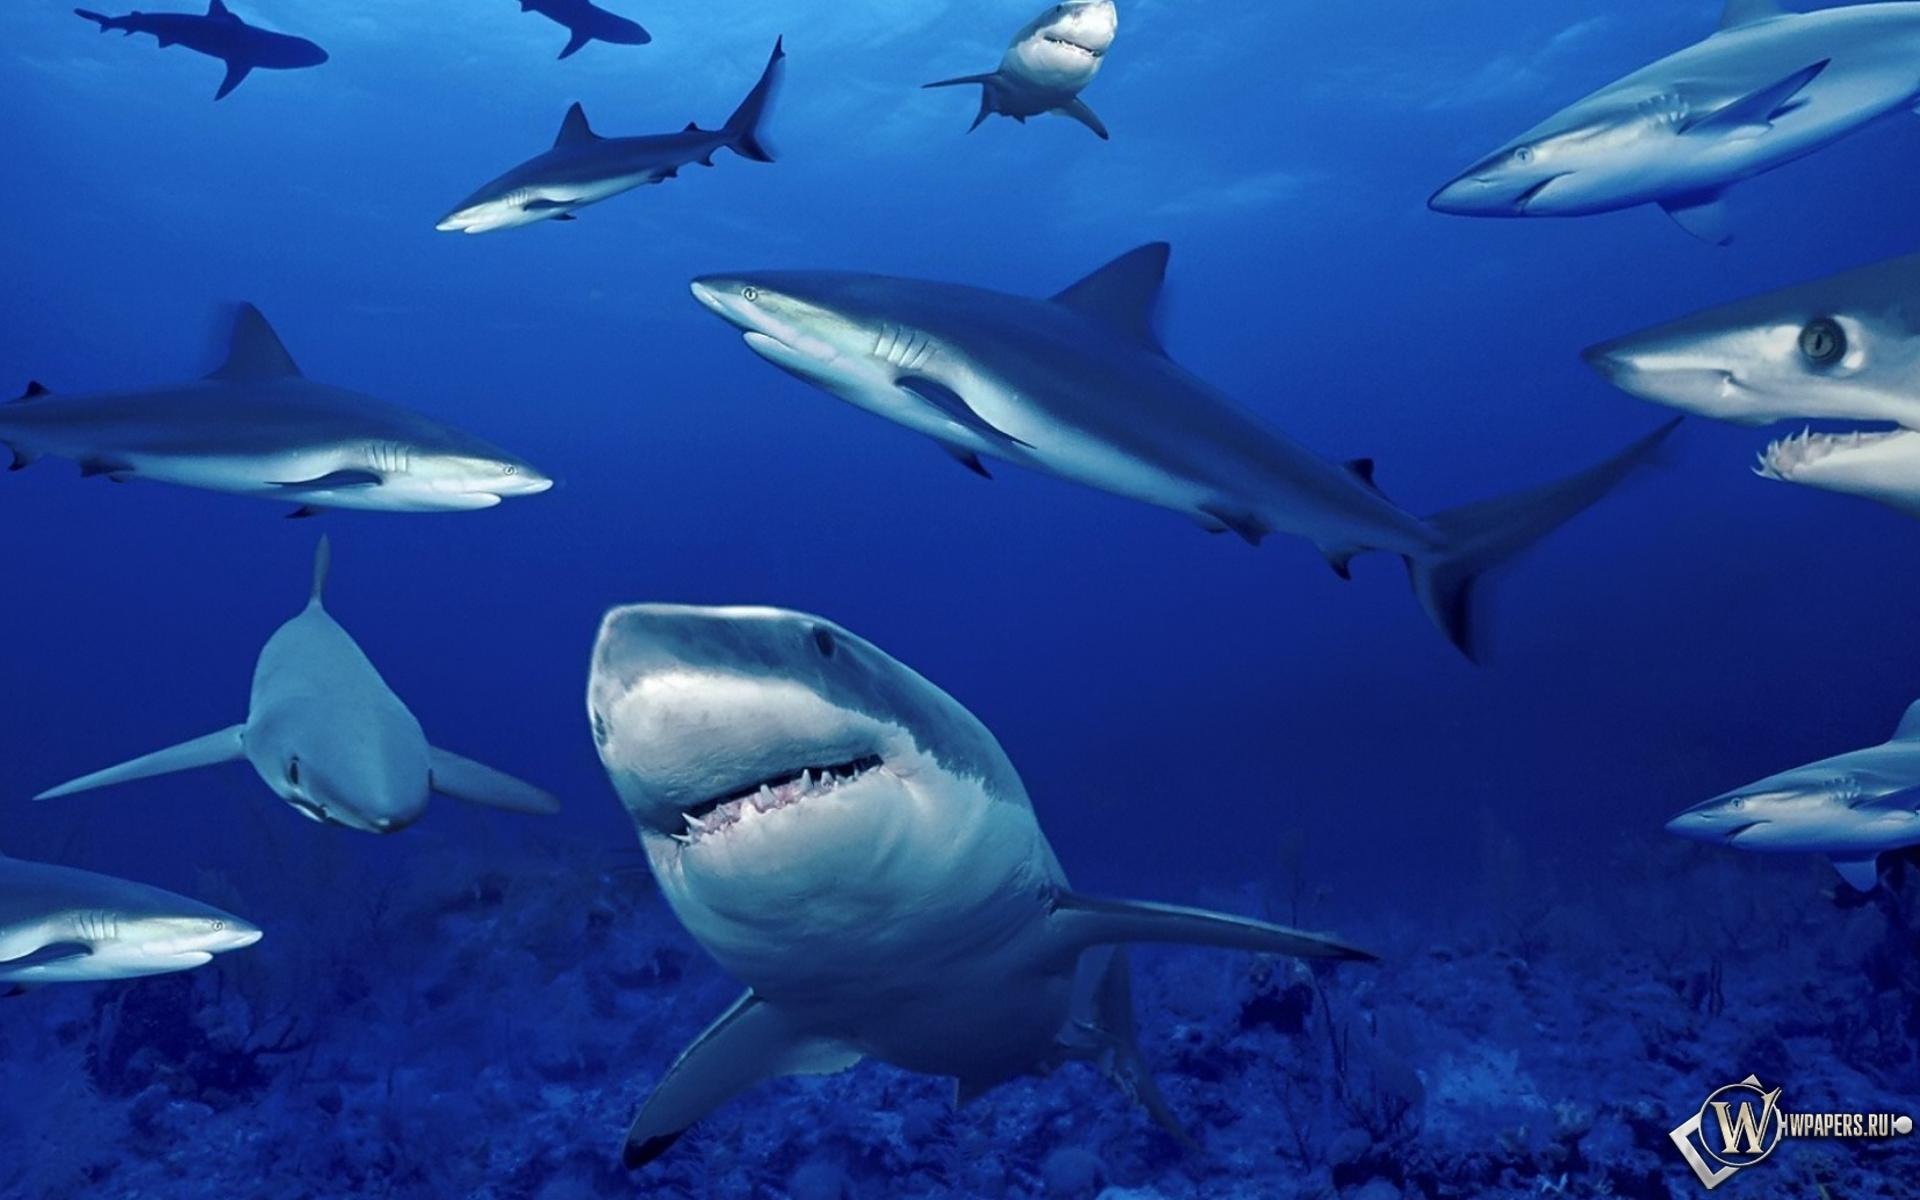 Акулы на глубине 1920x1200